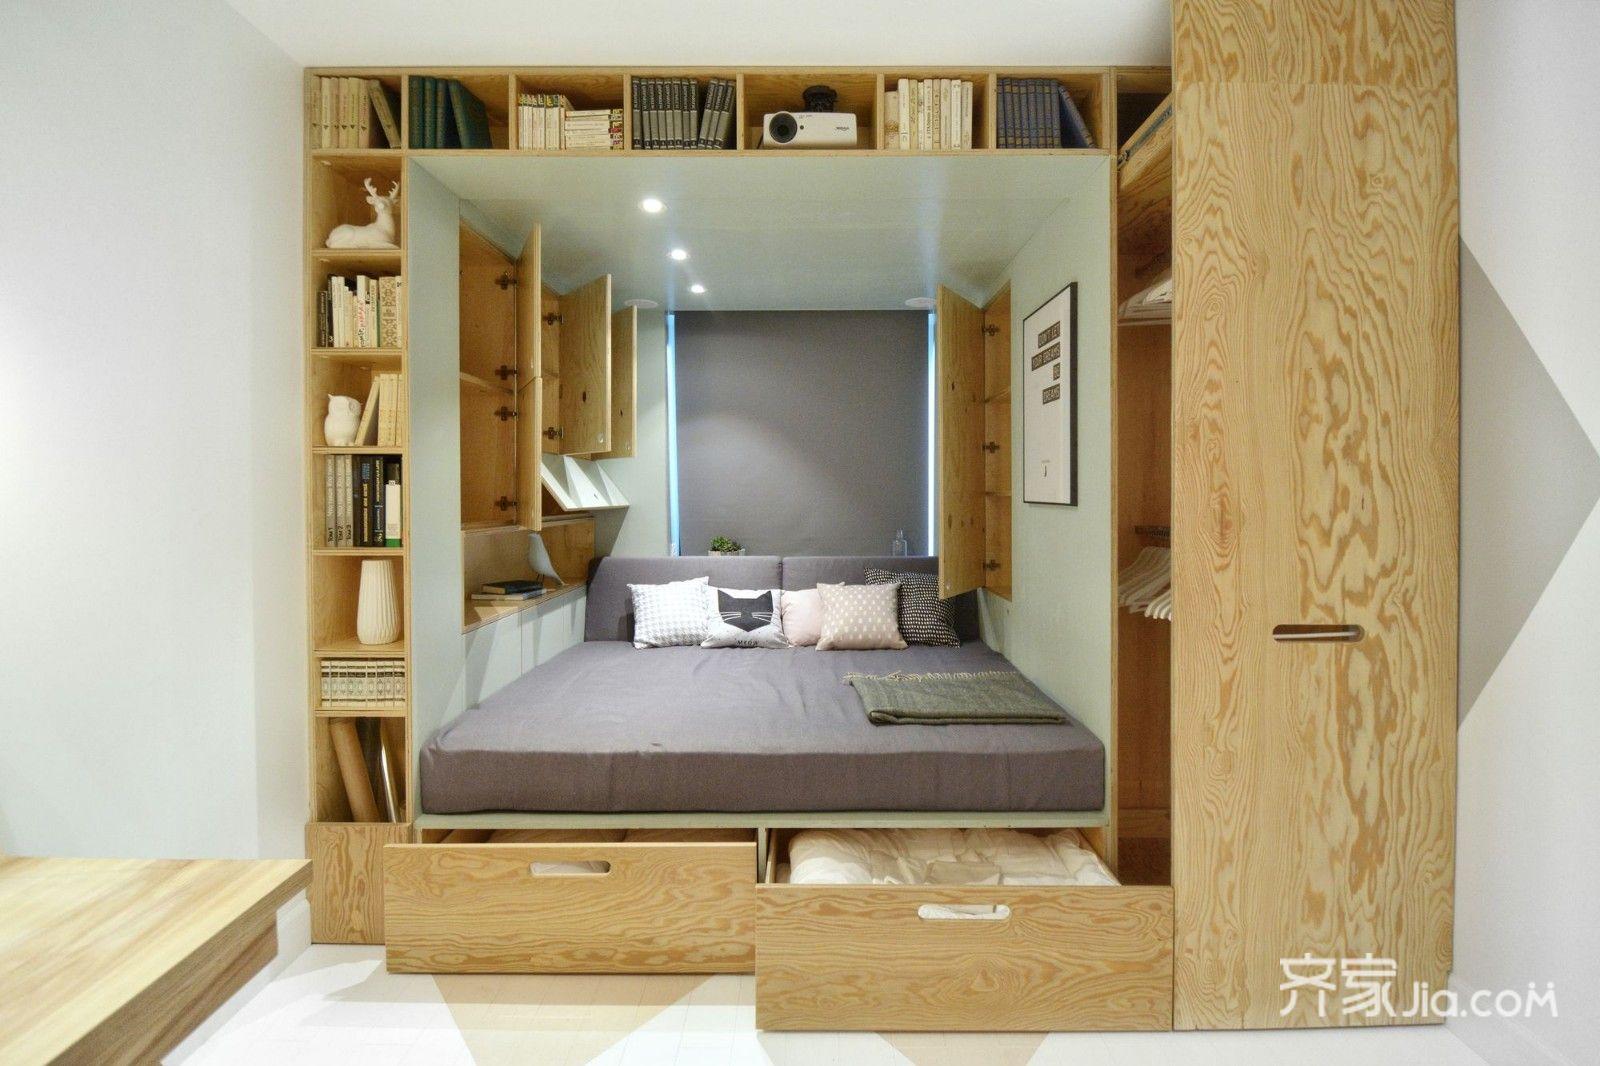 超小户型简约单身宿舍榻榻米床设计图